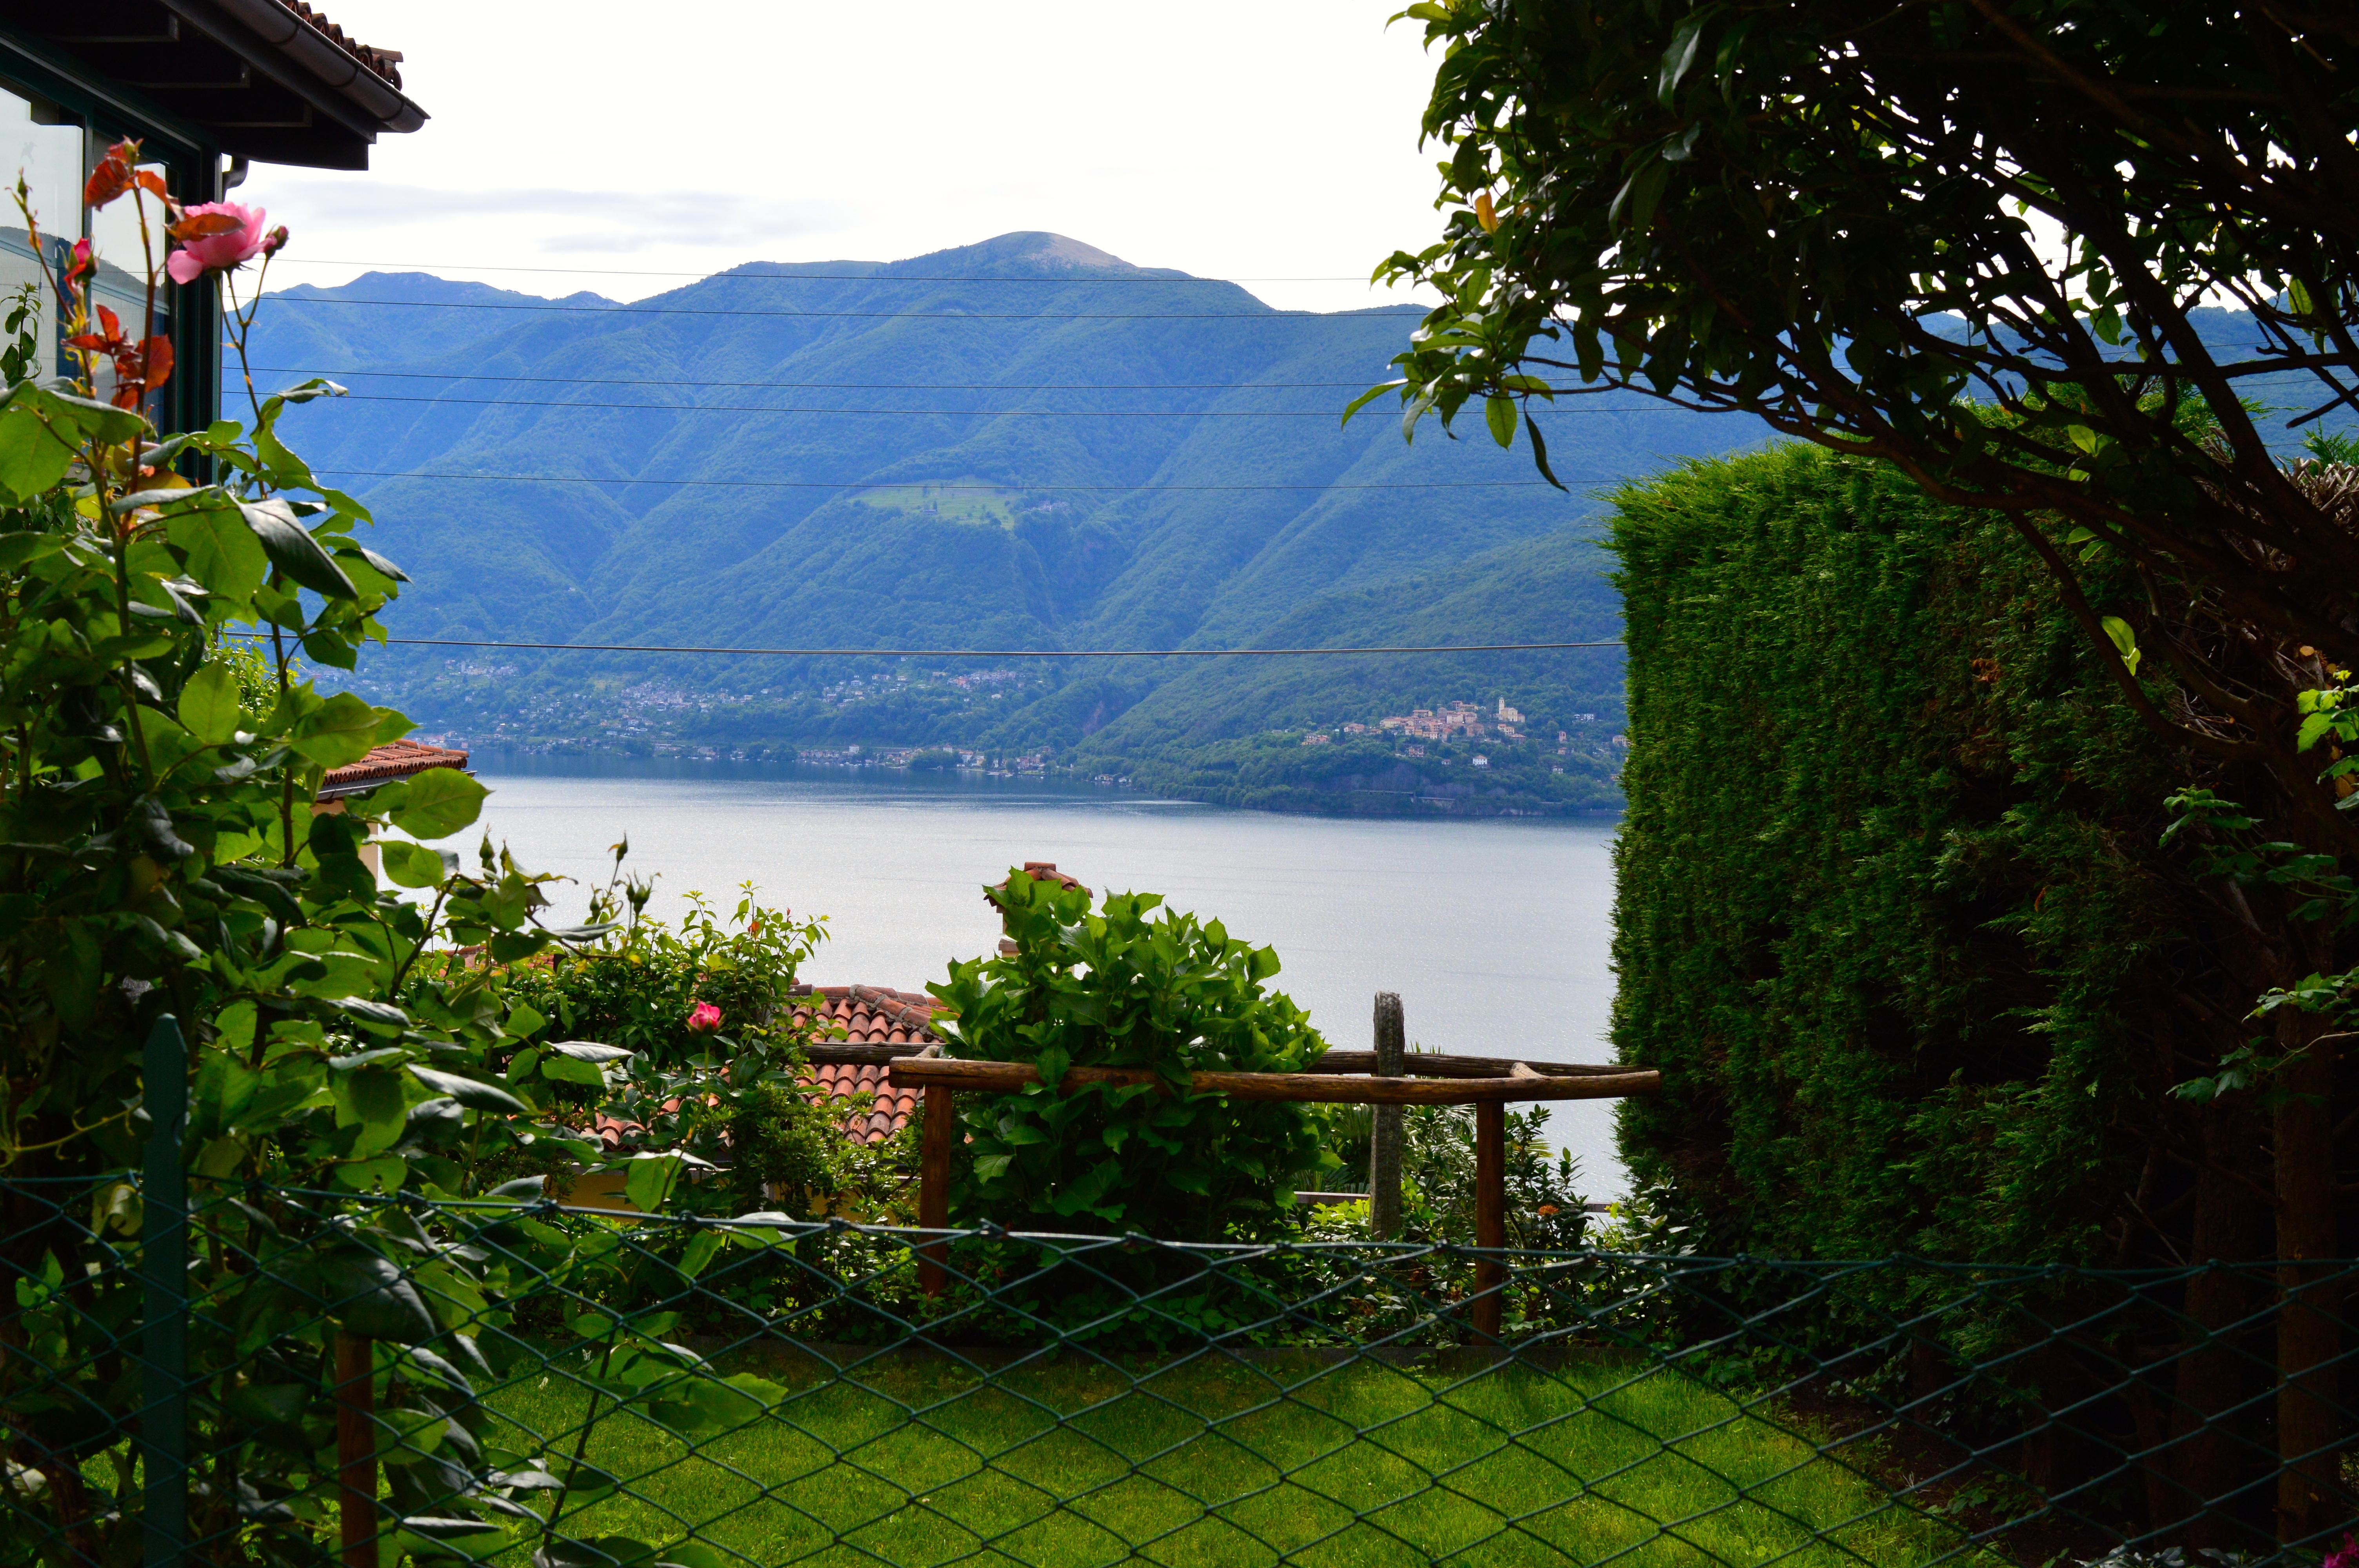 ascona locarno und der lago maggiore erfahrungsbericht. Black Bedroom Furniture Sets. Home Design Ideas